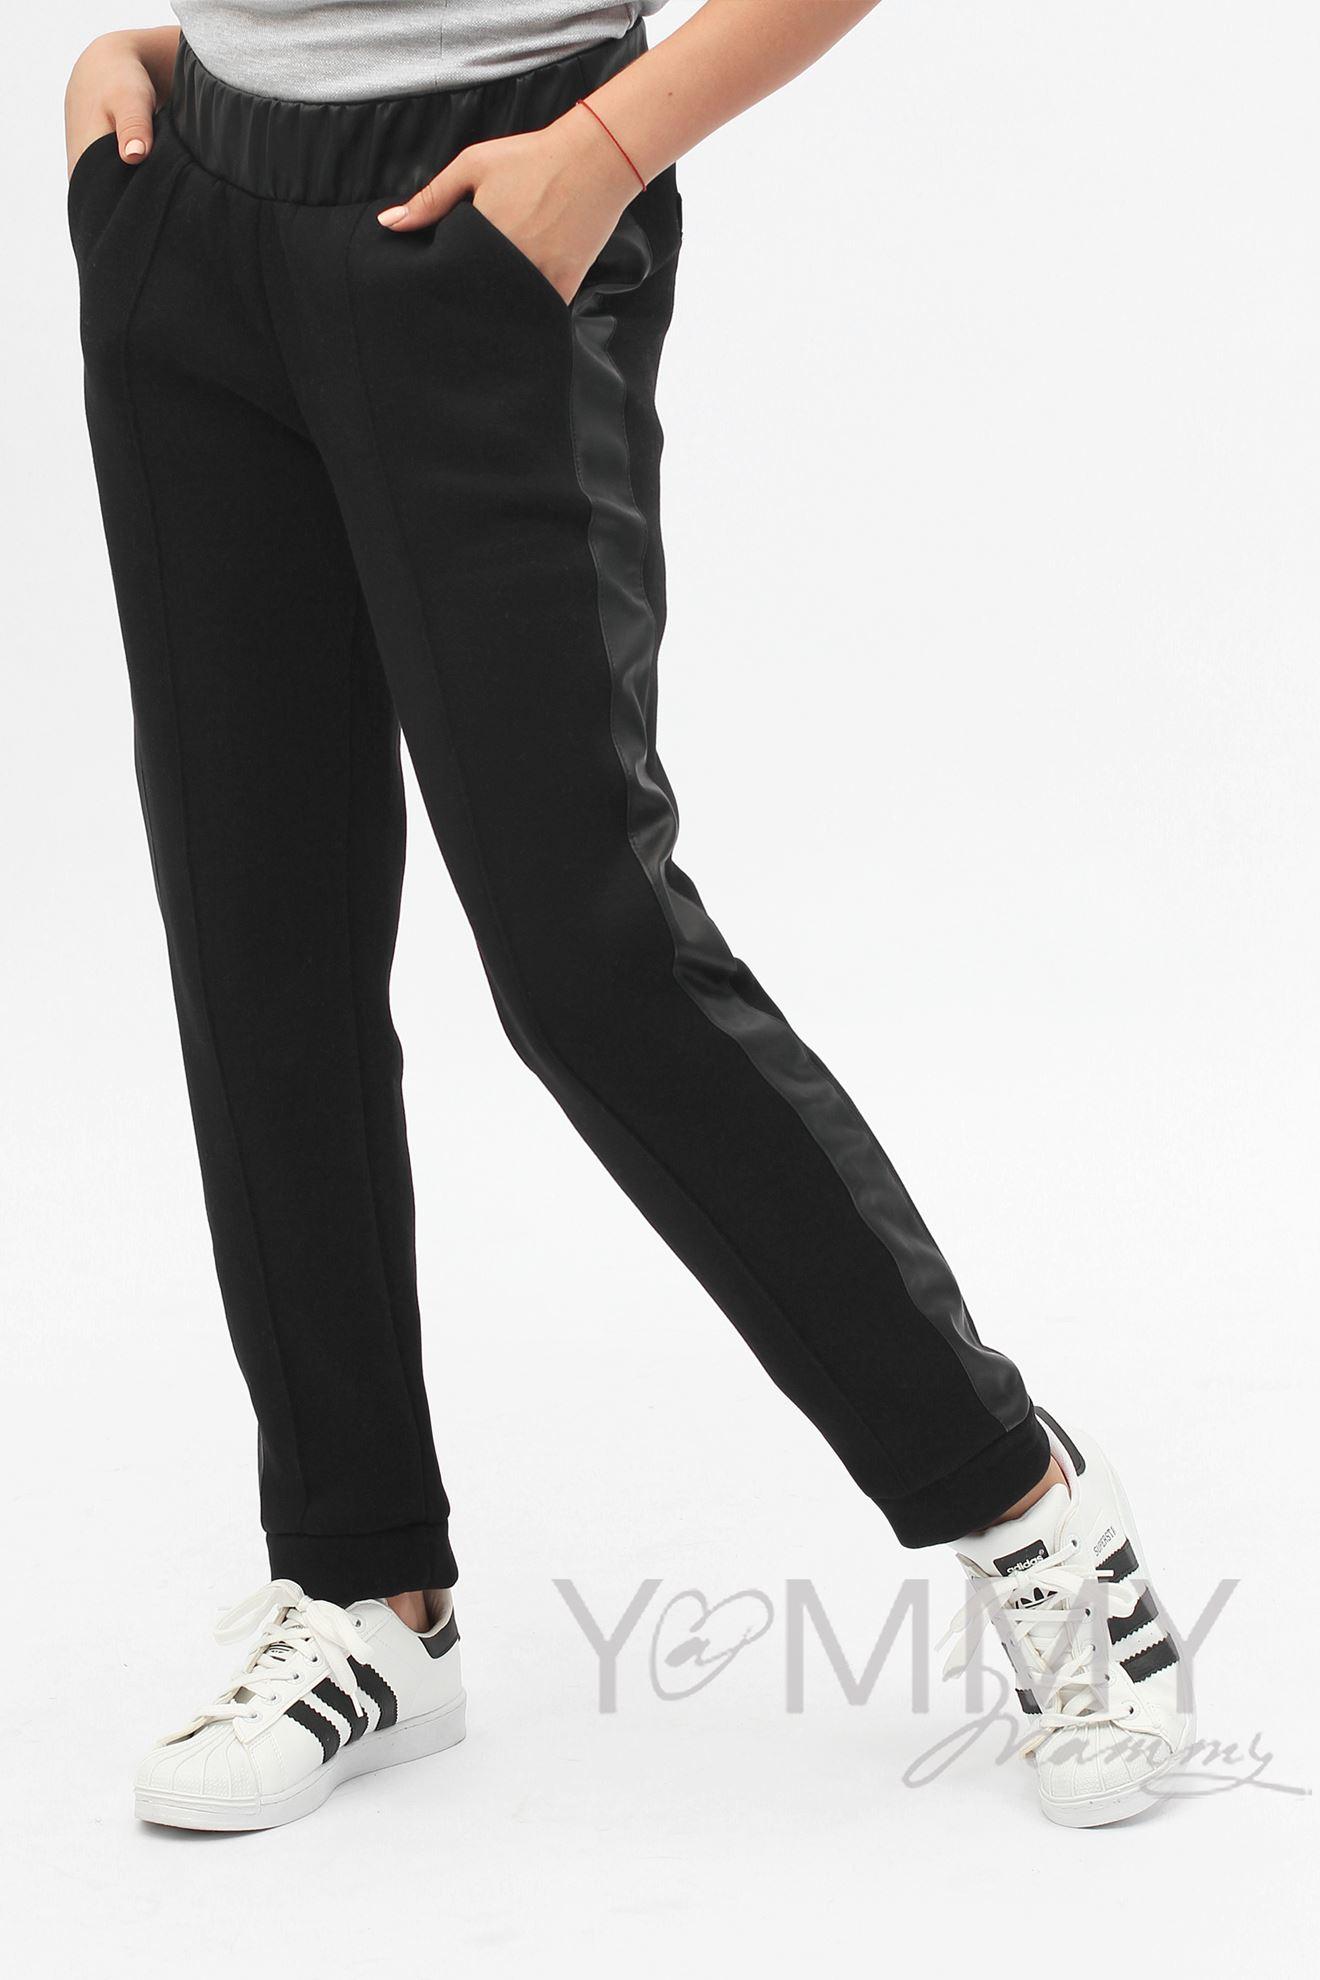 Изображение                               Черные брюки с кожаными лампасами с начесом универсальные